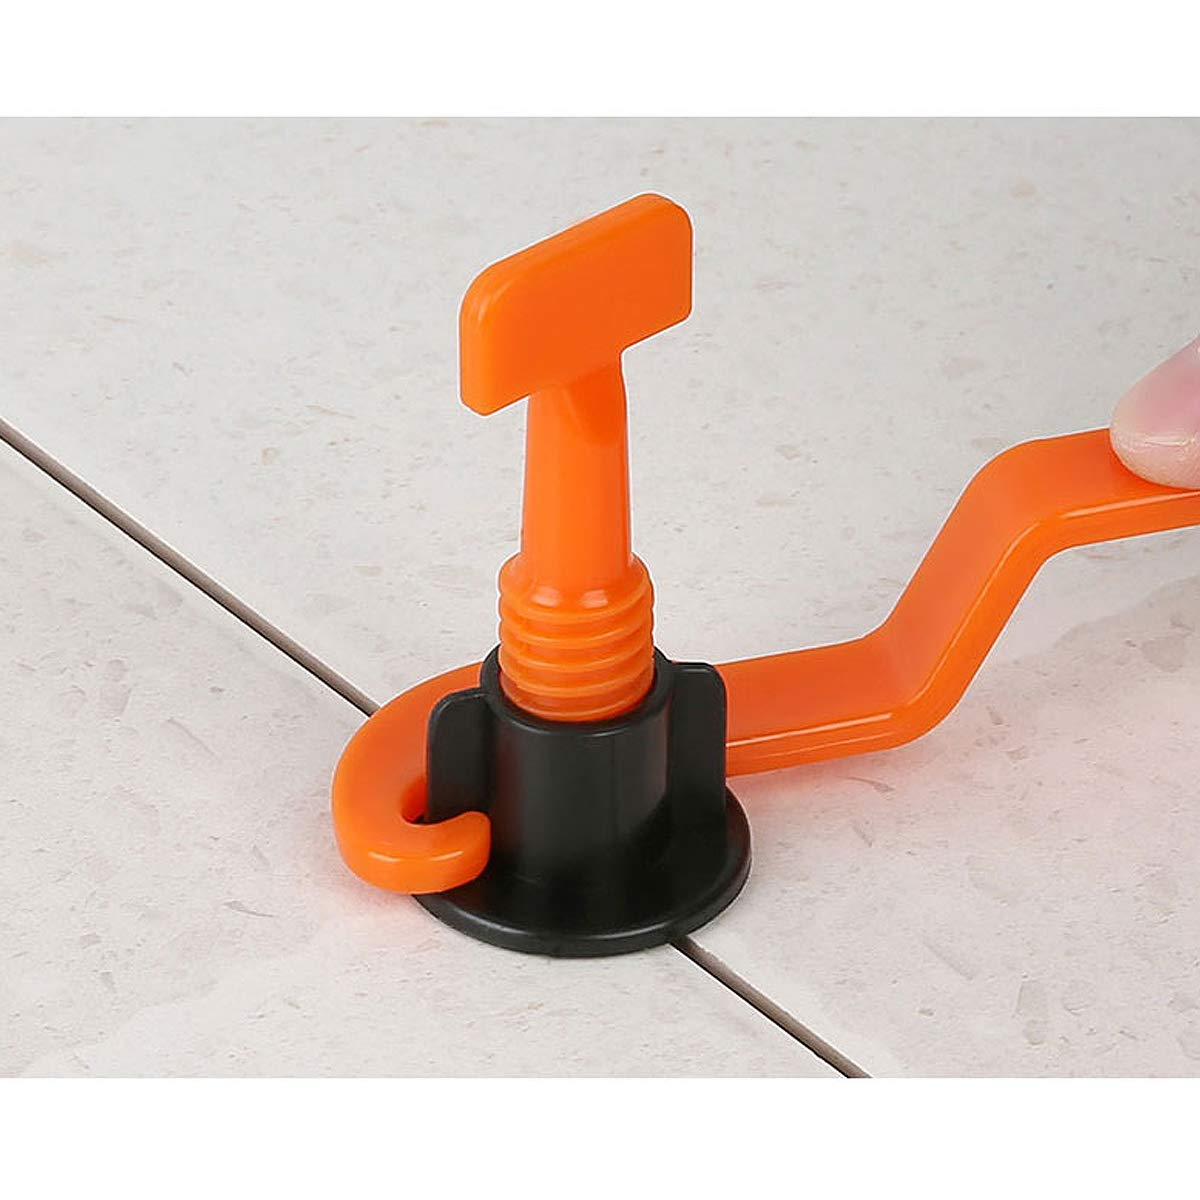 Orange Ajusteur Syst/ème de nivellement de sol en c/éramique plate avec cl/é sp/éciale 50 PCS Niveleur de carrelage Kit de syst/ème de nivellement de carreaux r/éutilisable